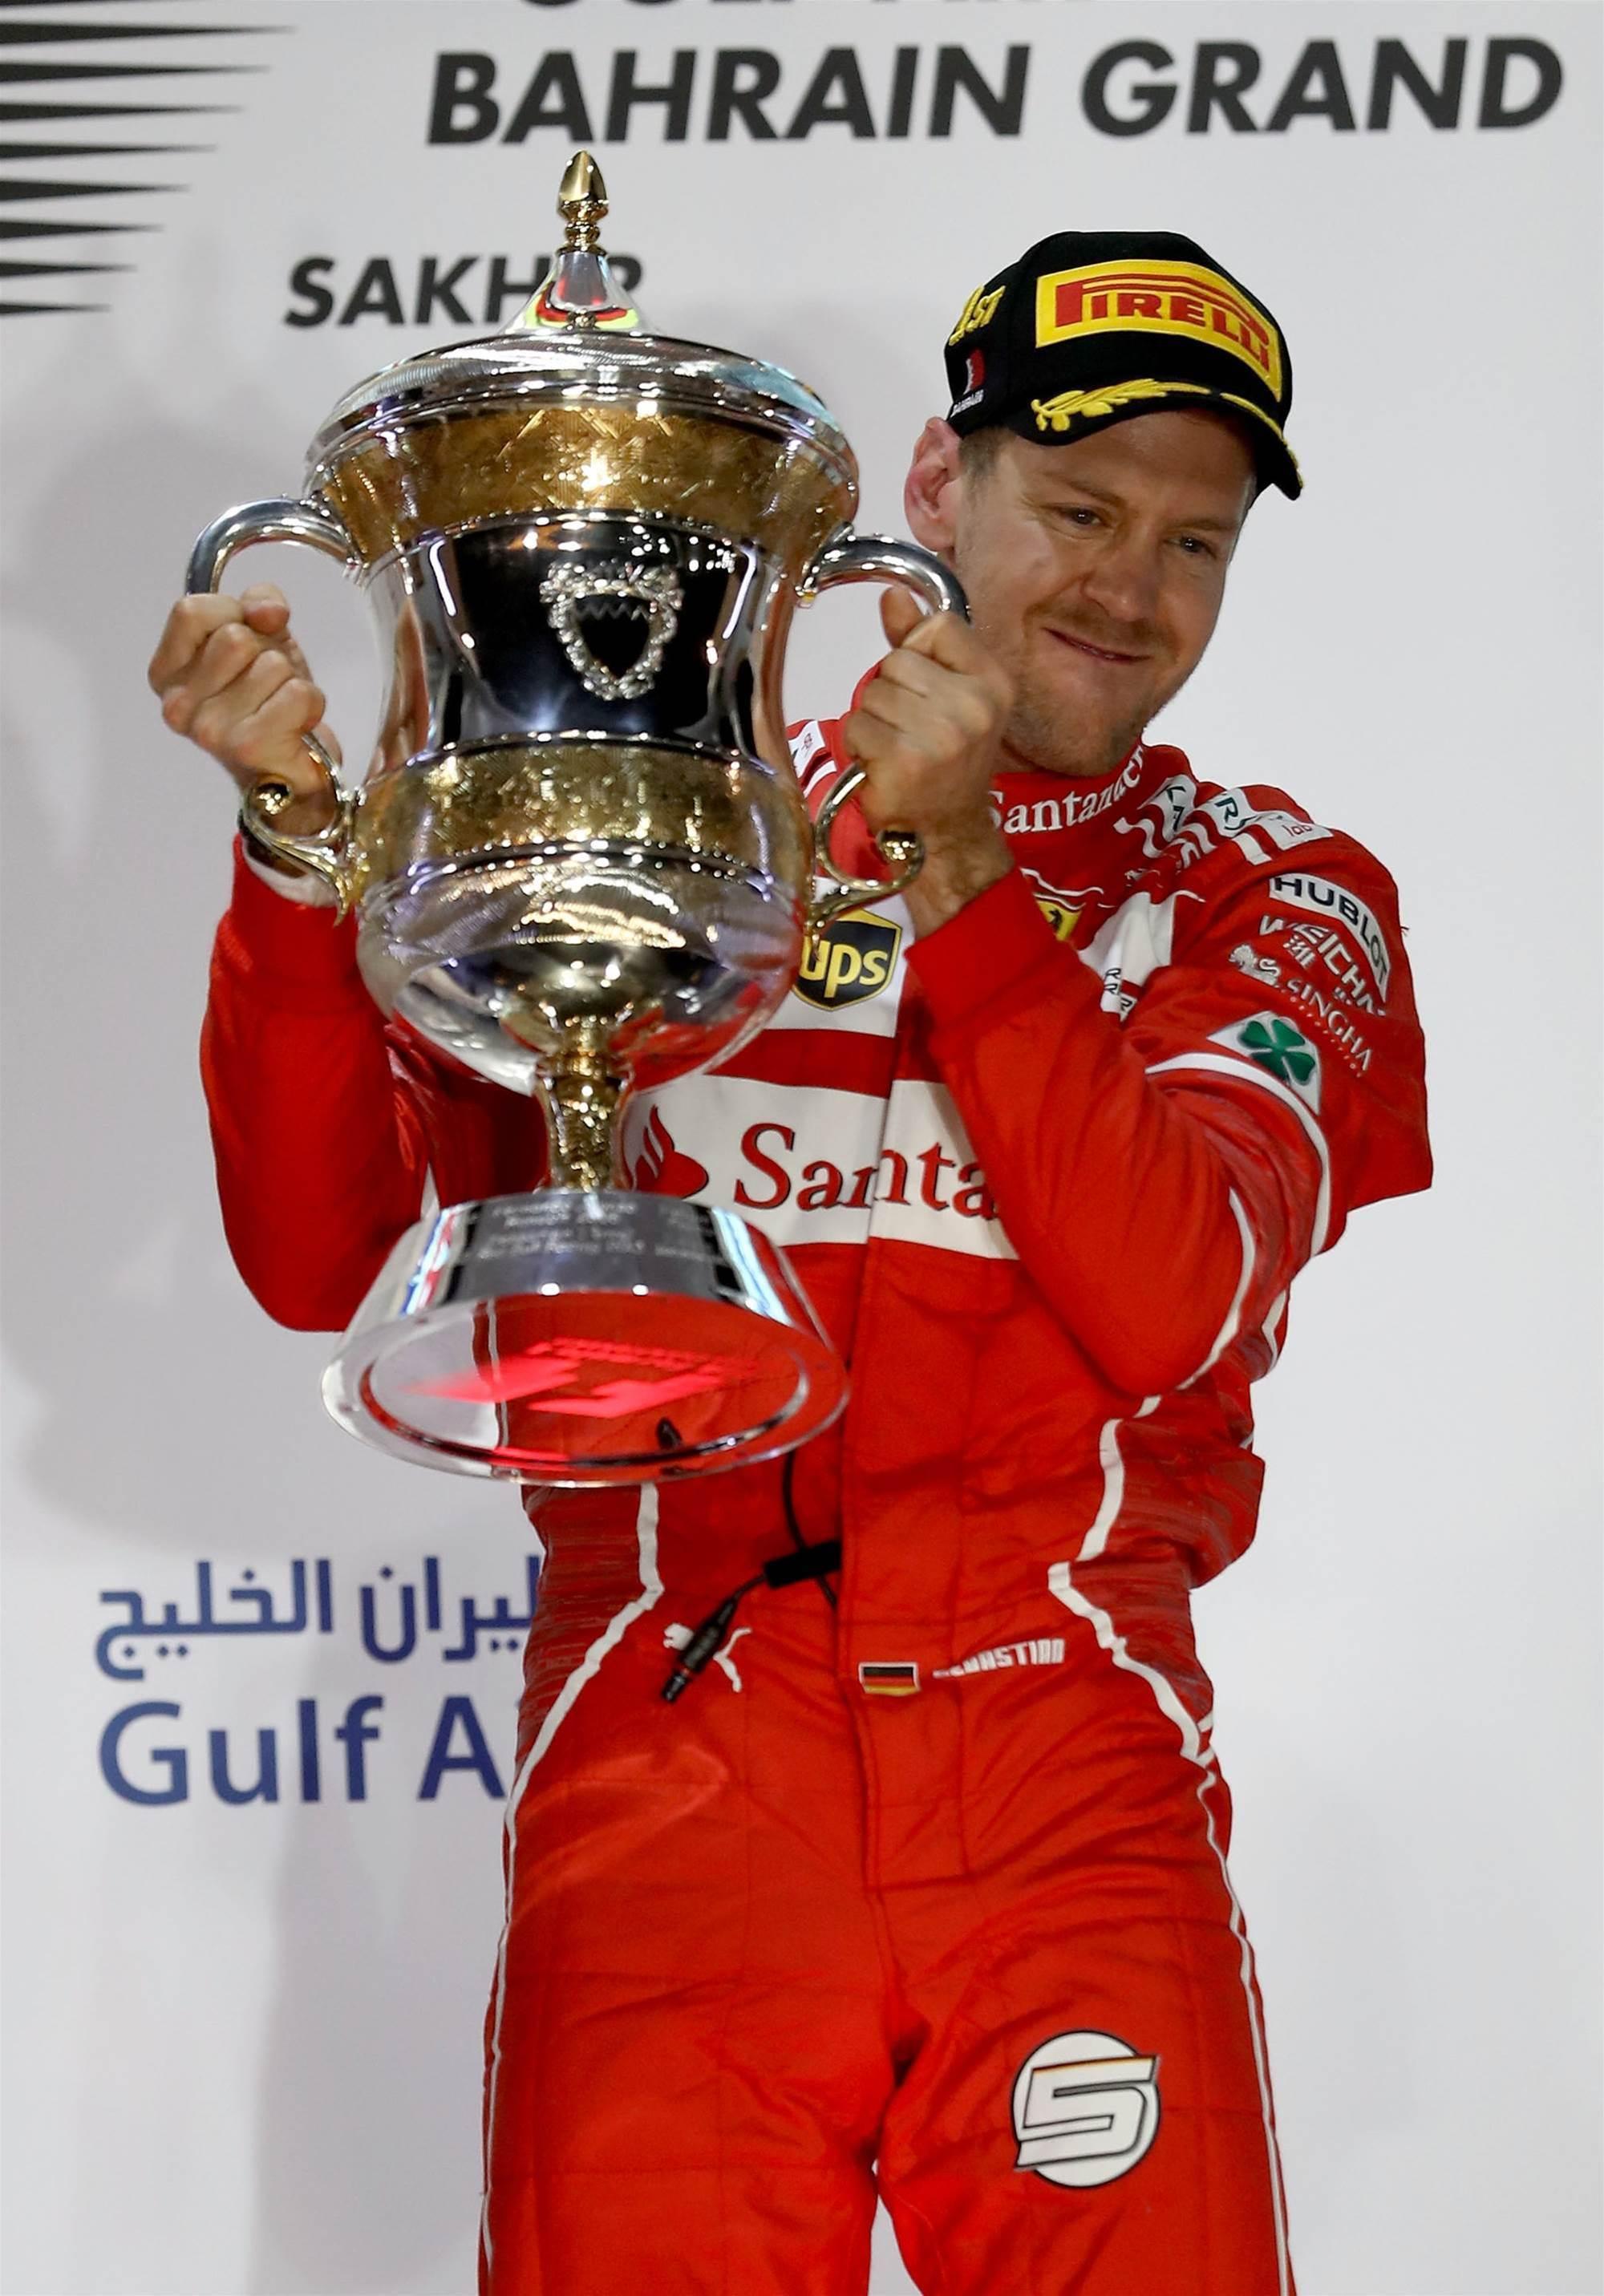 Pic Gallery: Bahrain F1 Grand Prix